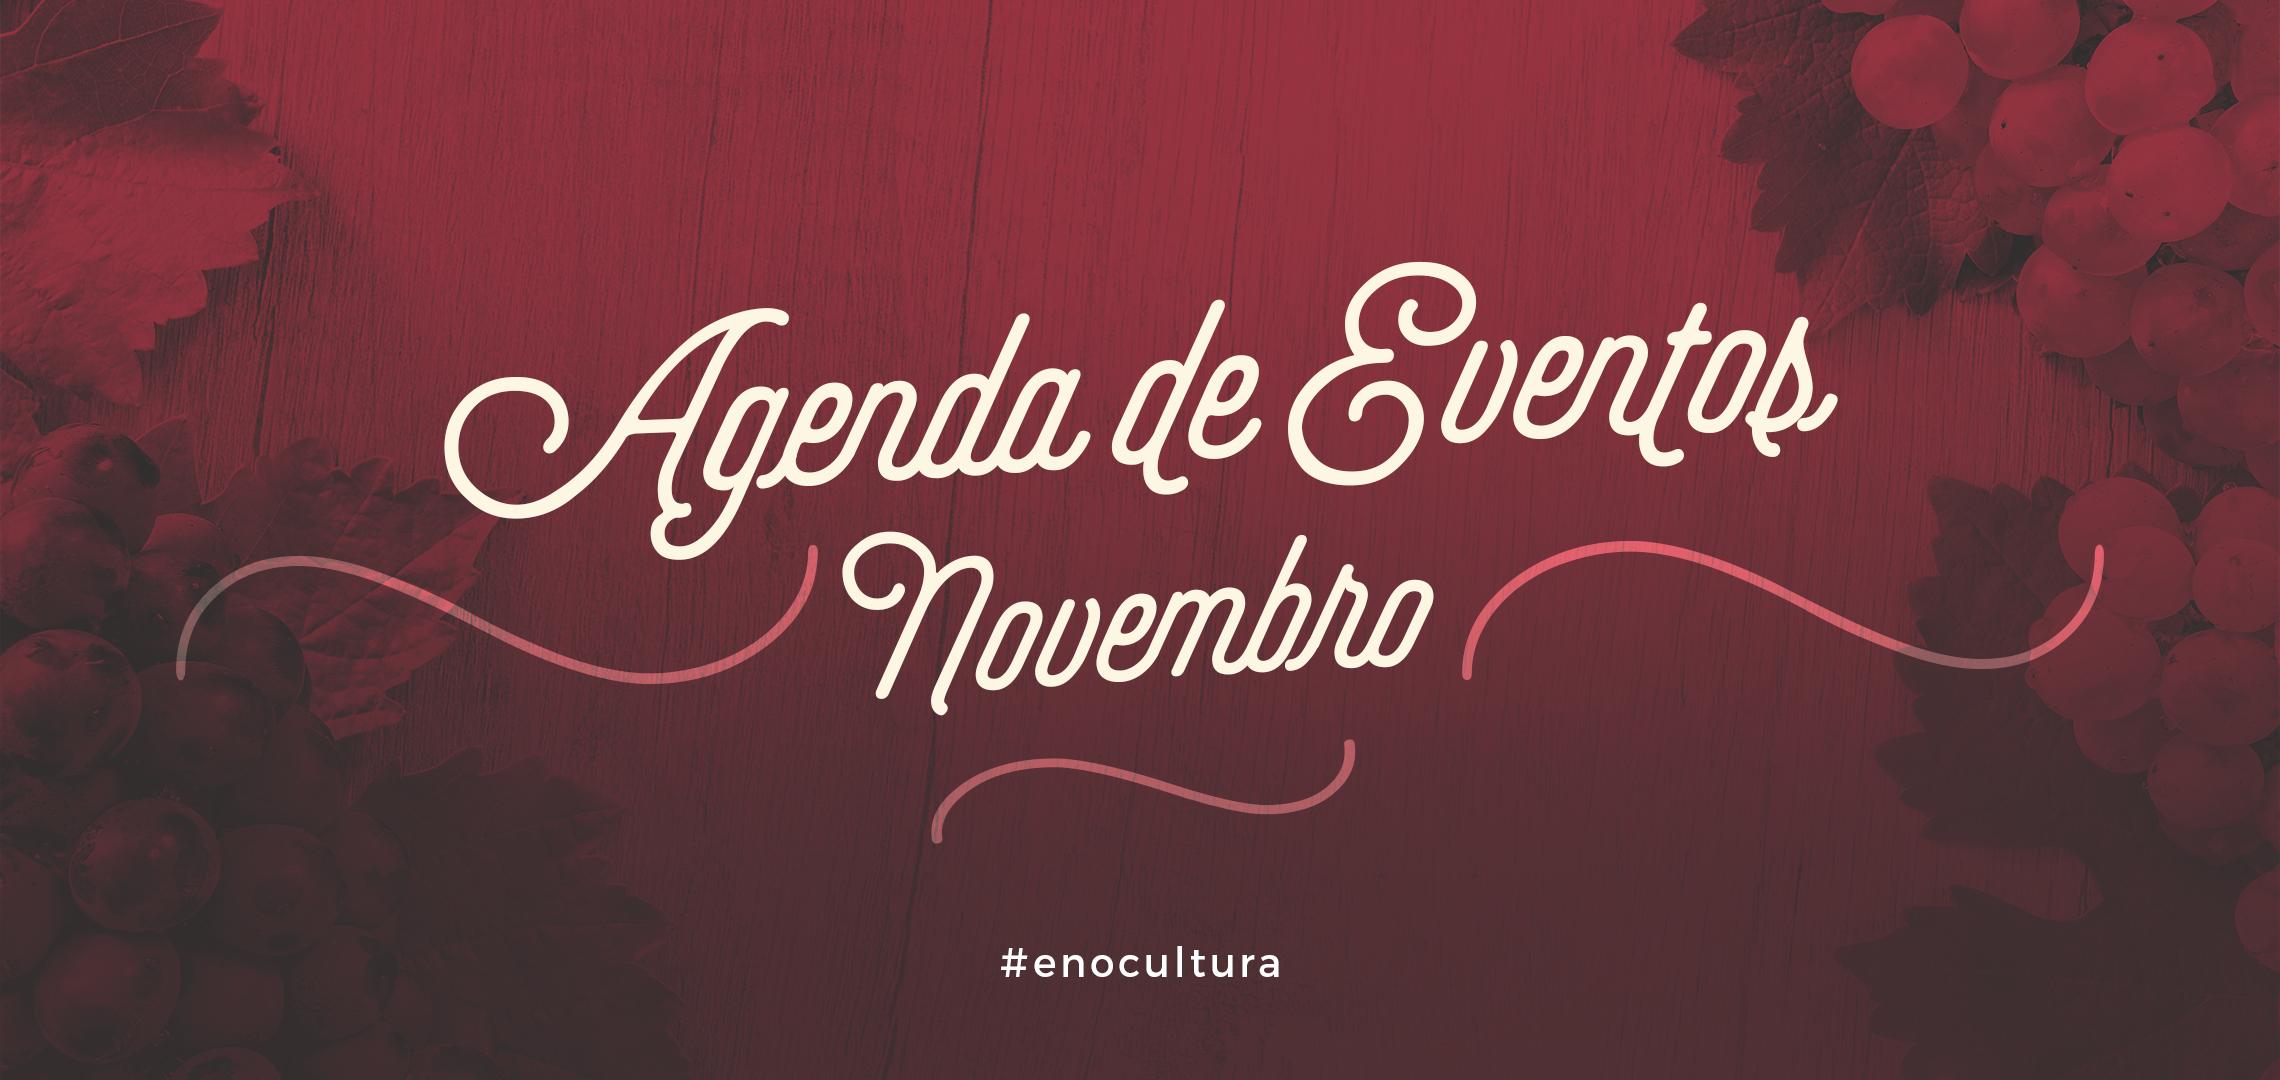 Agenda de Eventos: Novembro